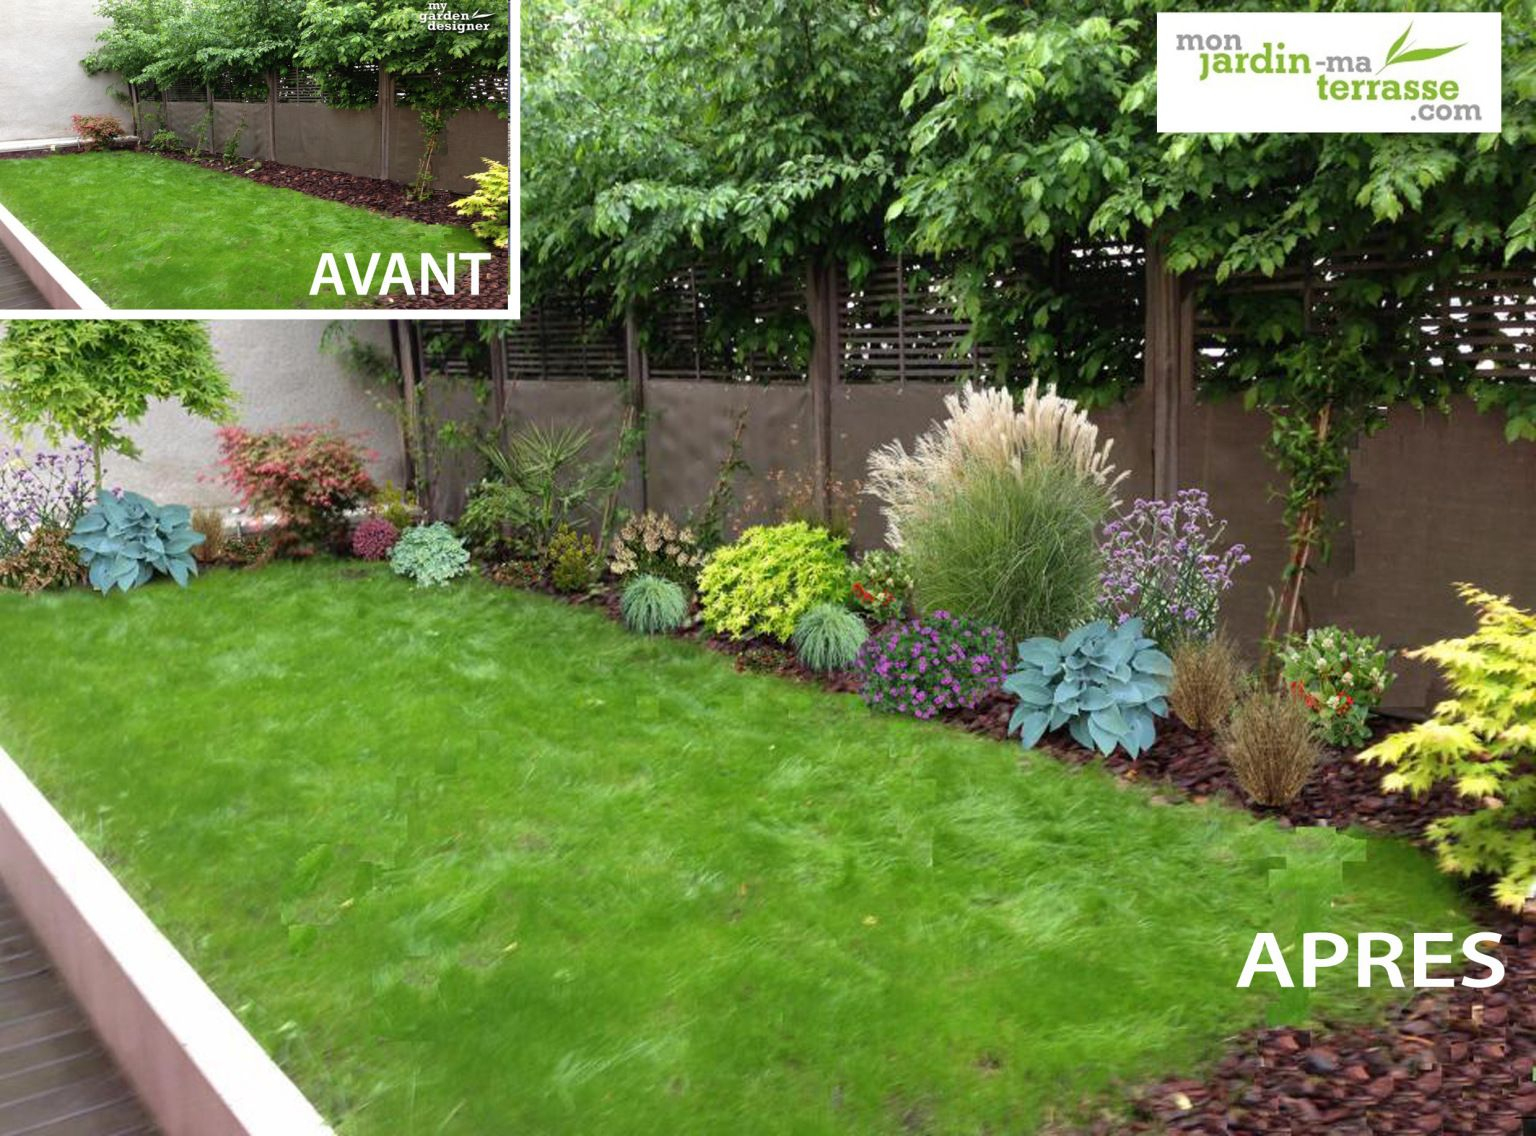 Massif Ombre Mur   Amenagement Jardin, Jardins pour Comment Aménager Son Jardin Devant La Maison